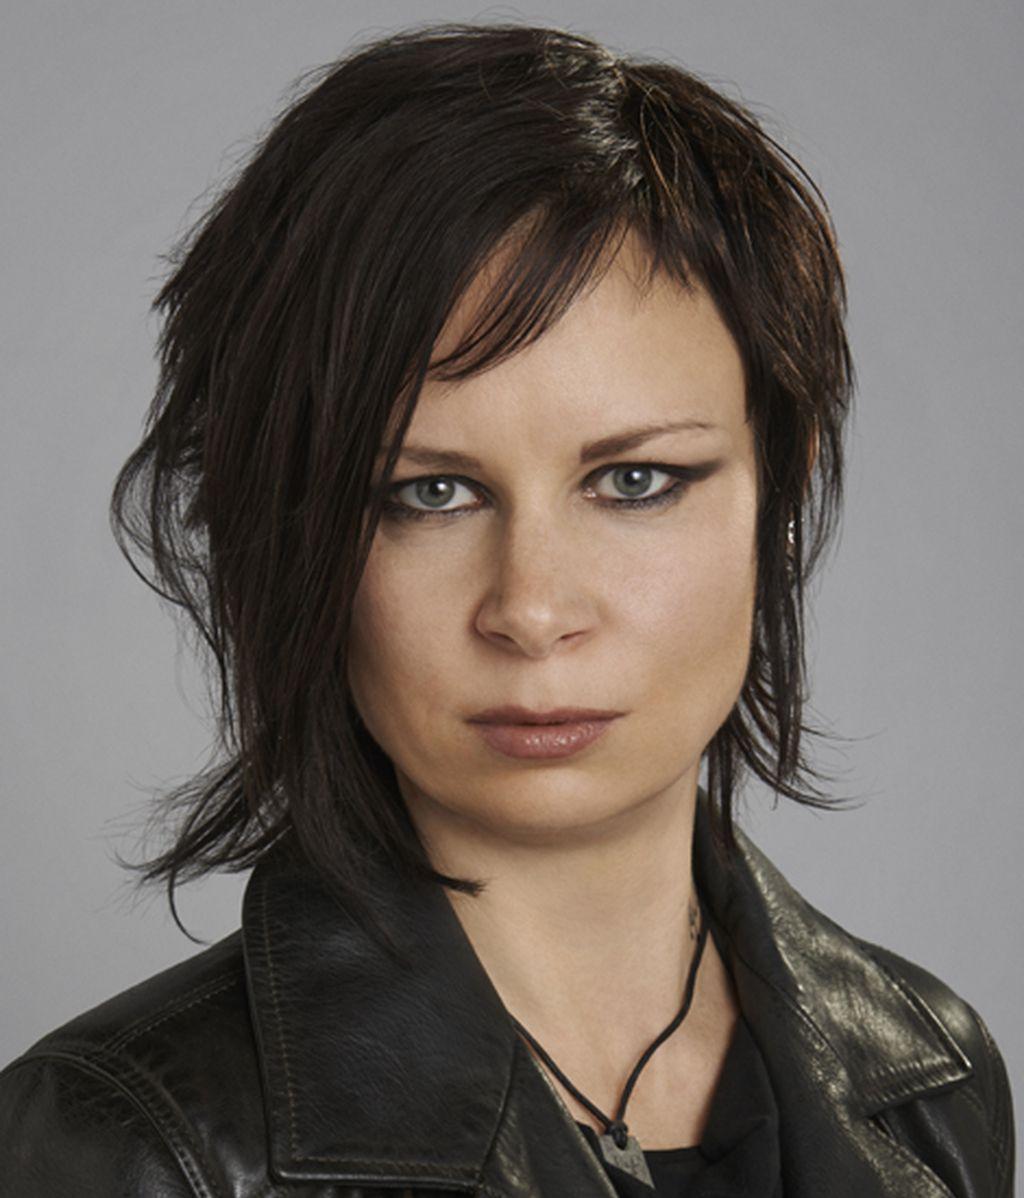 Mary Lynn Rajskub es Chloe O'Brian